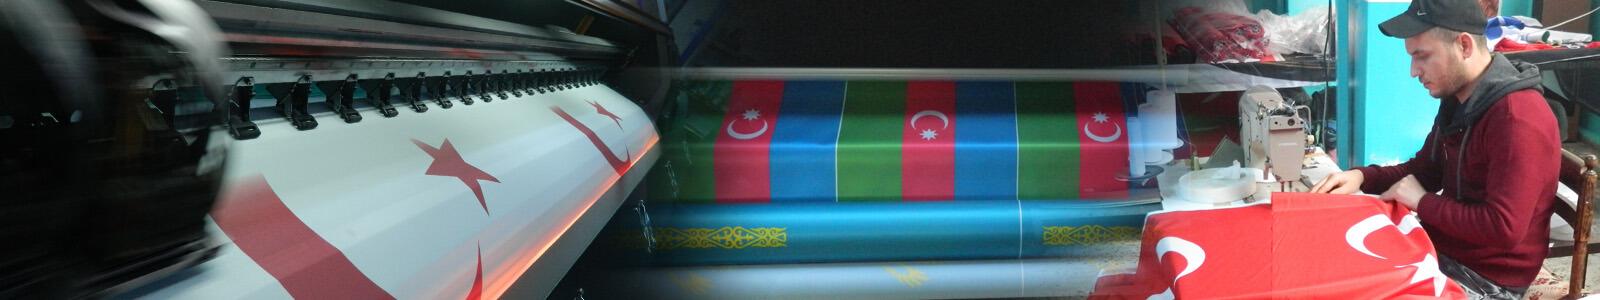 bayrak imalati 1 Dijital Bayrak Firması